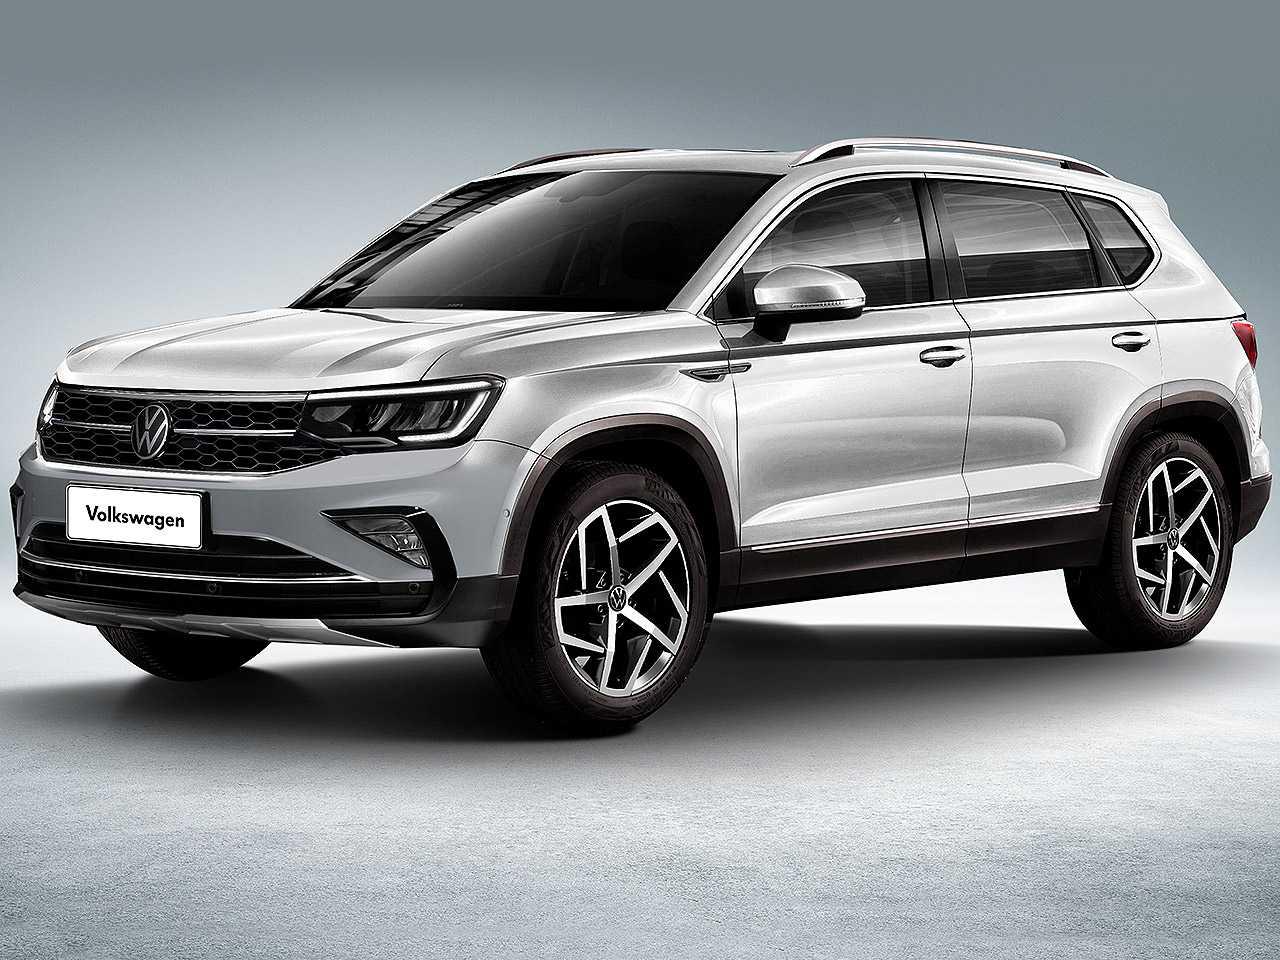 Projeção de Kleber Silva antecipando o futuro SUV médio da VW derivado do projeto Tarek